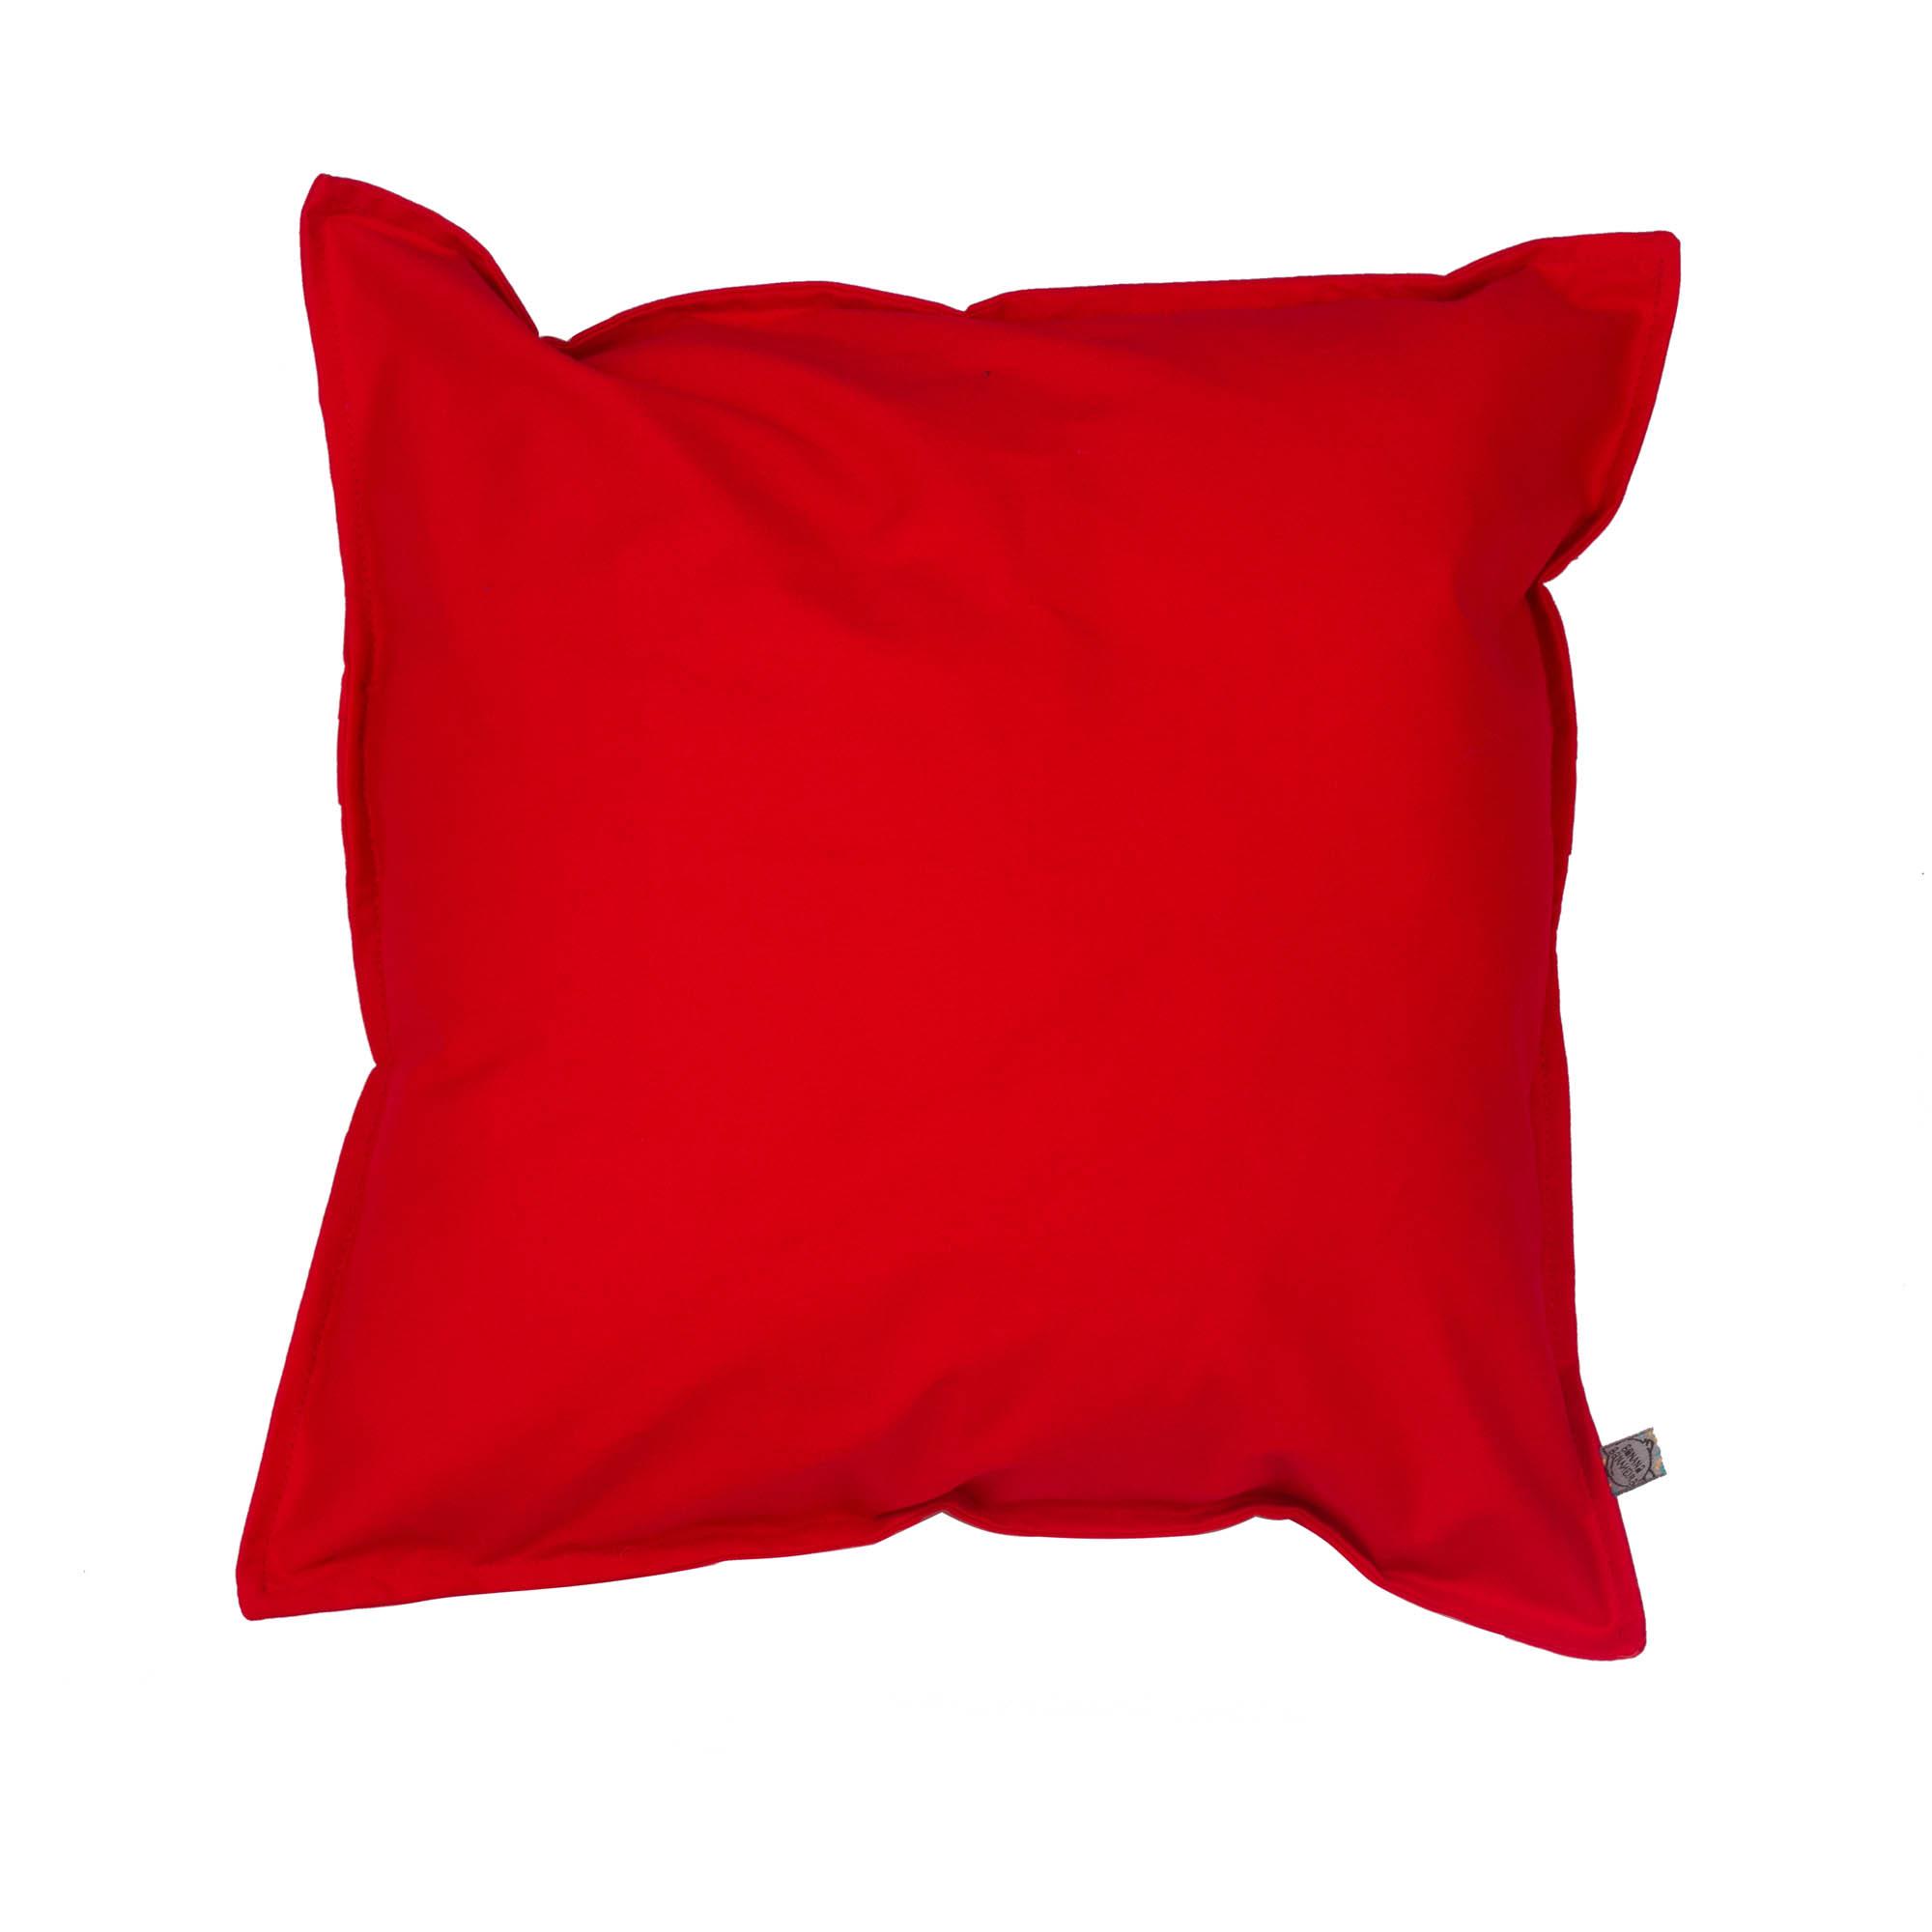 Capa de almofada em pesponto 45 cm x 45 cm vermelha